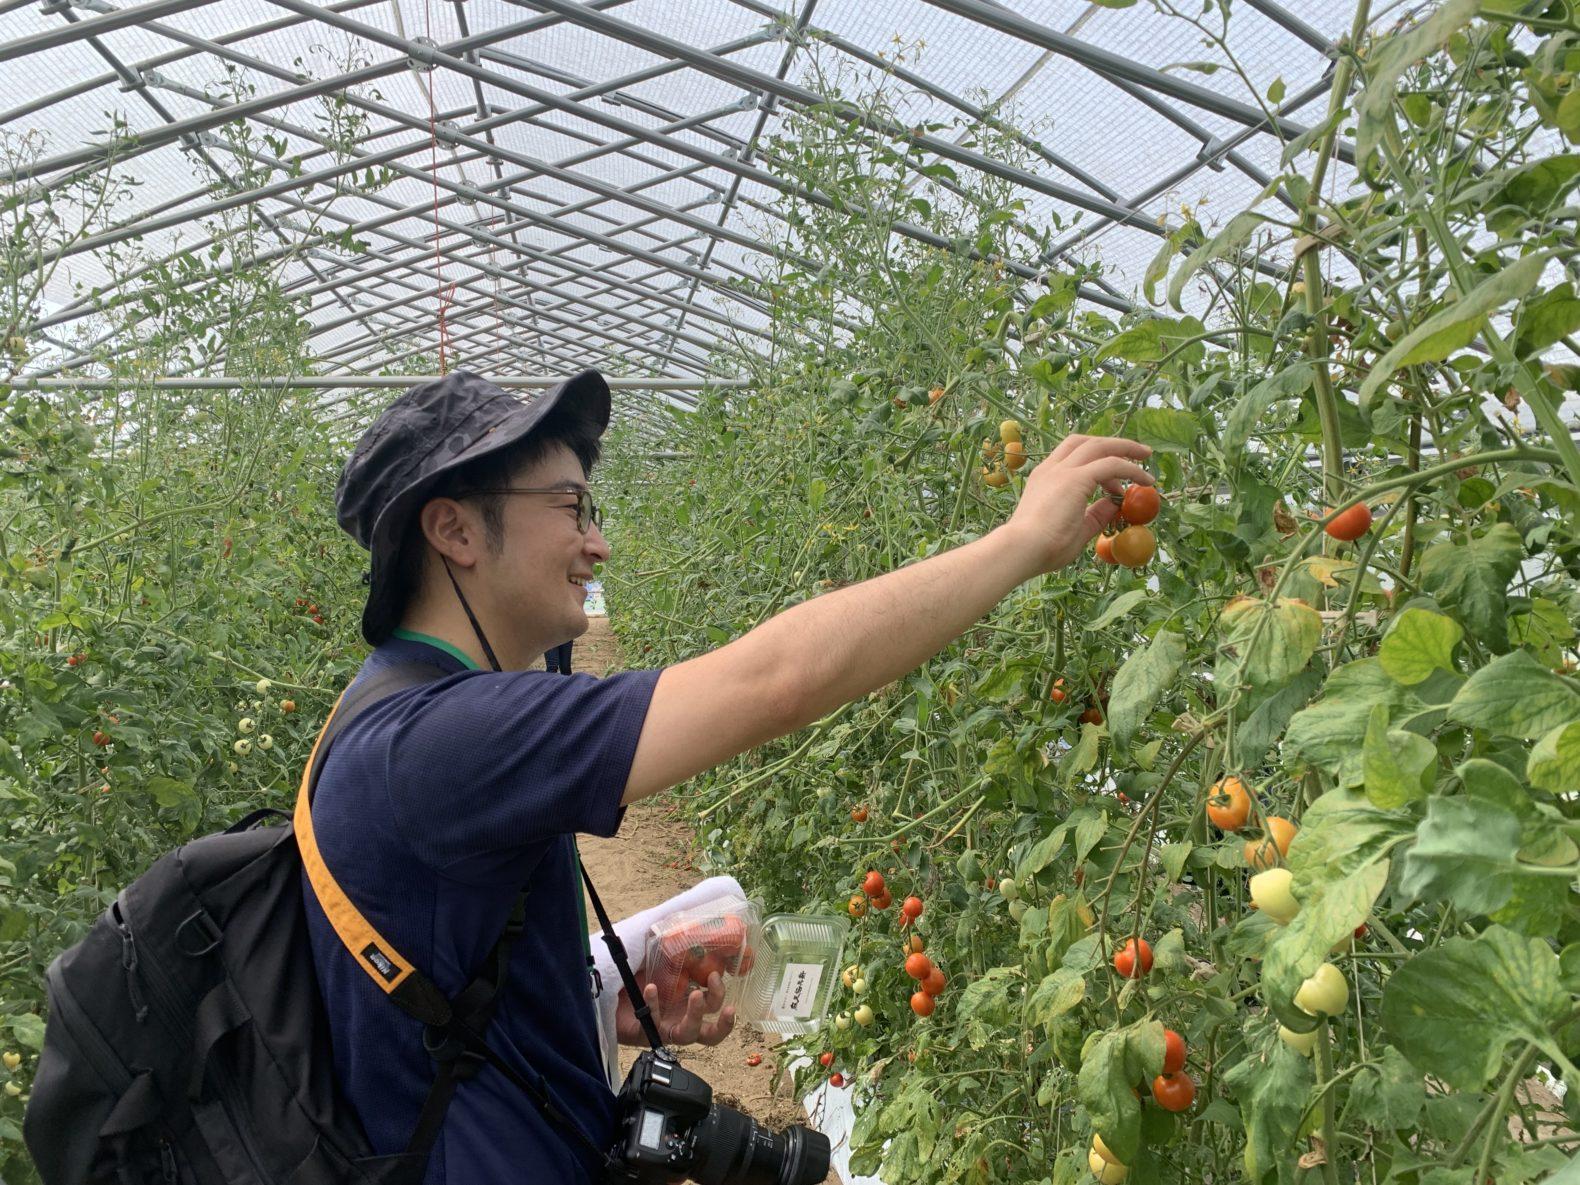 越のルビートマト収穫体験